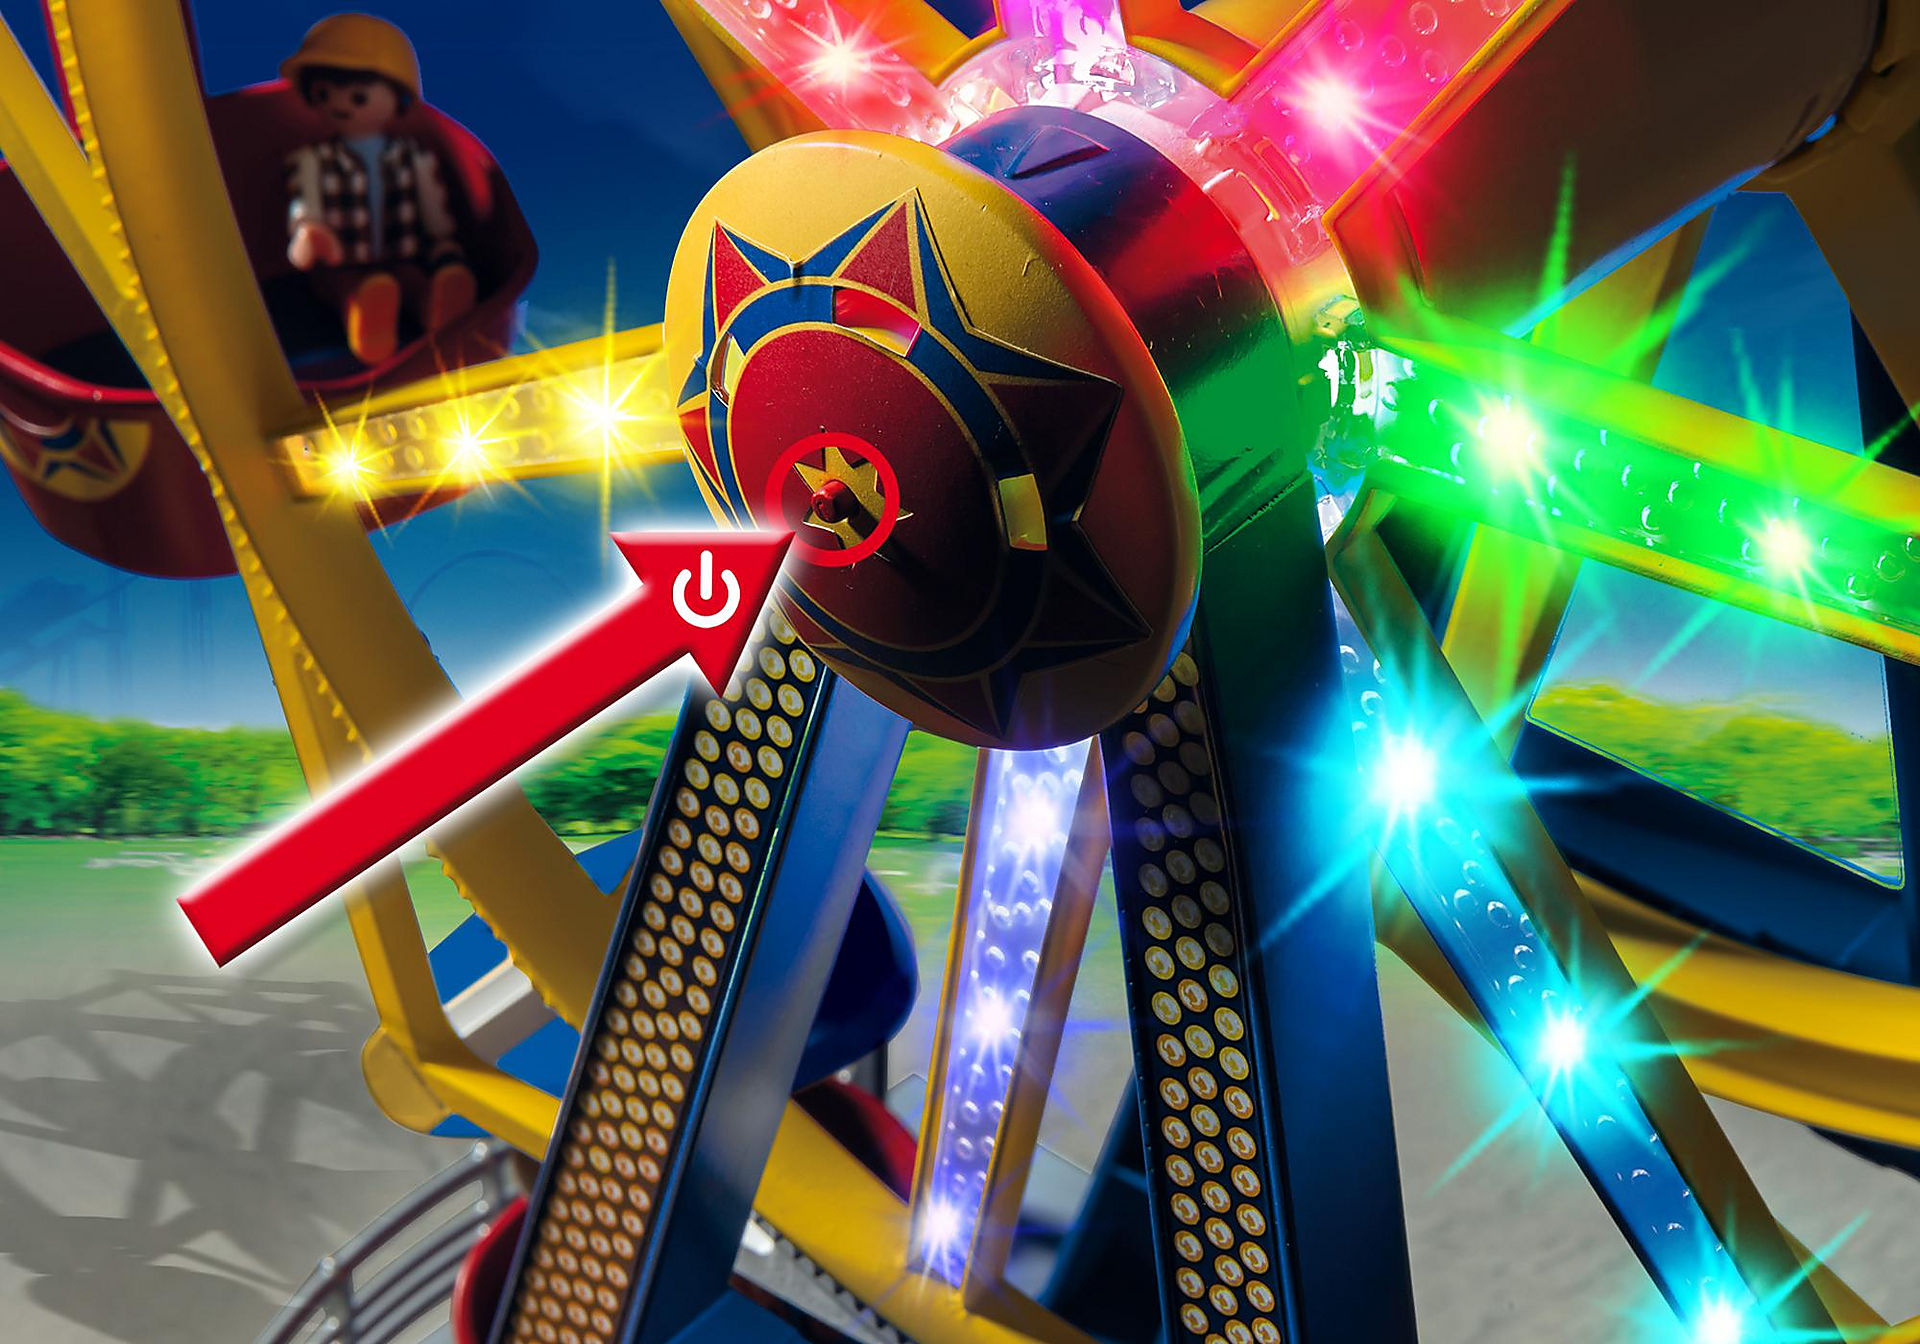 5552 Riesenrad mit bunter Beleuchtung zoom image5